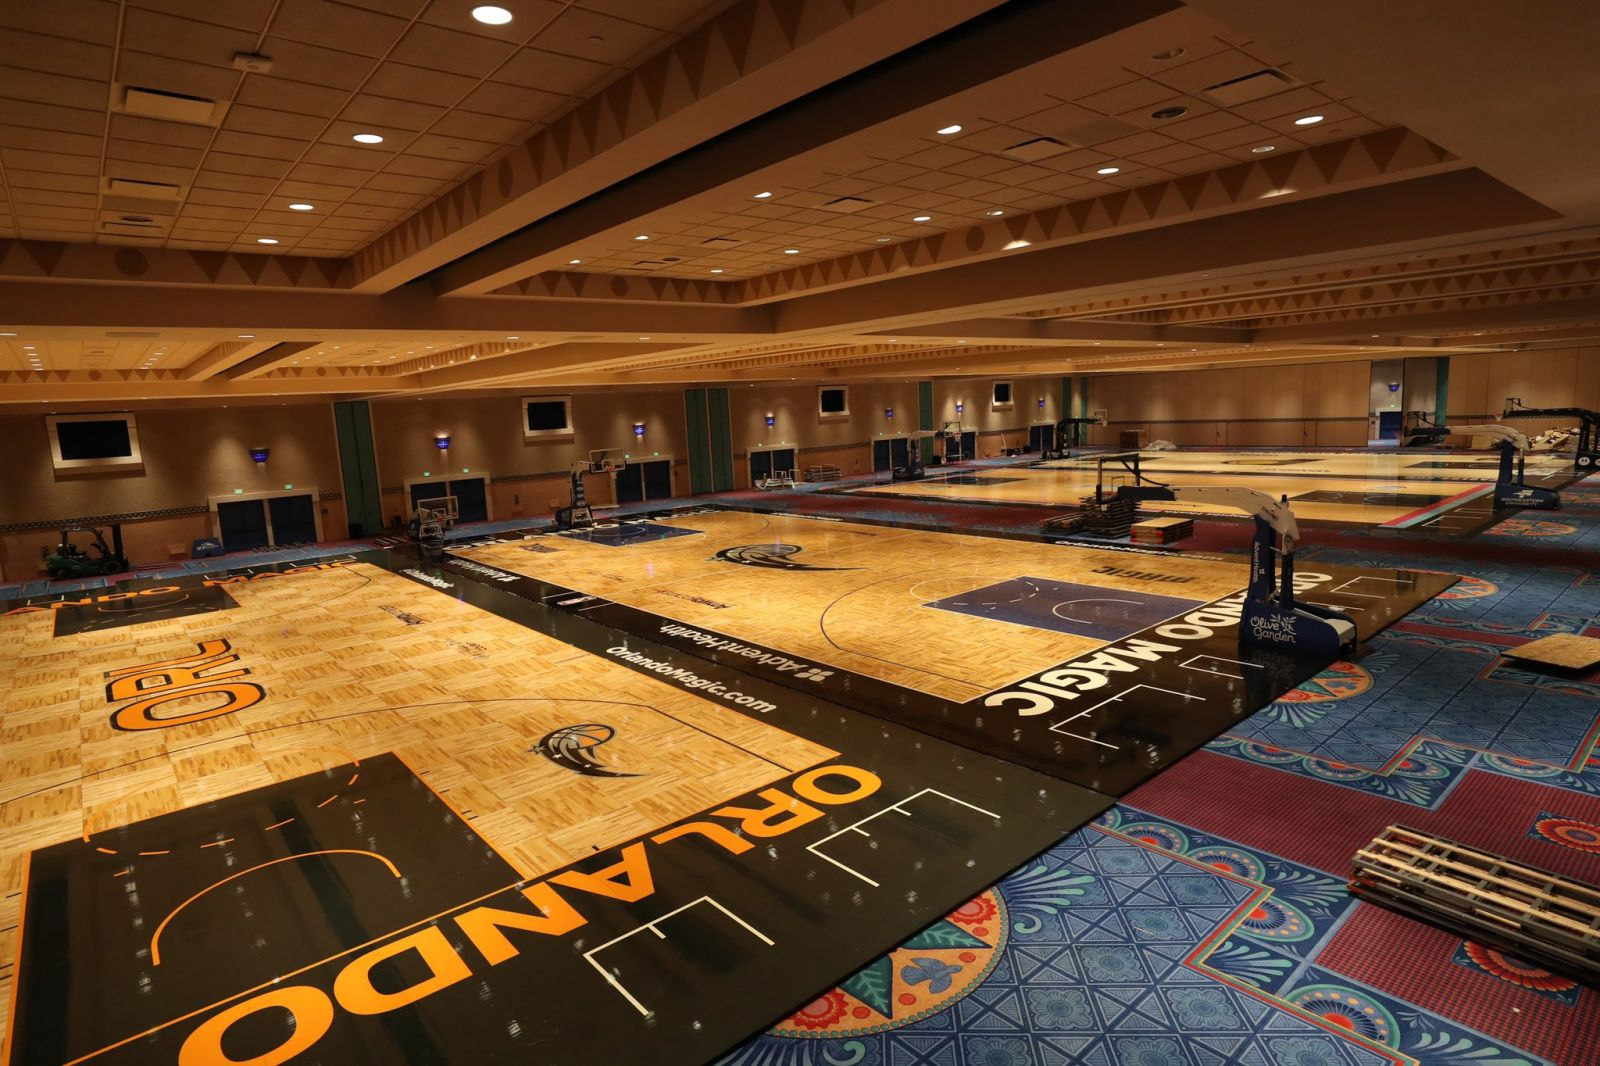 NBA官方推特发布迪士尼世界建造竣工的球队训练场图片